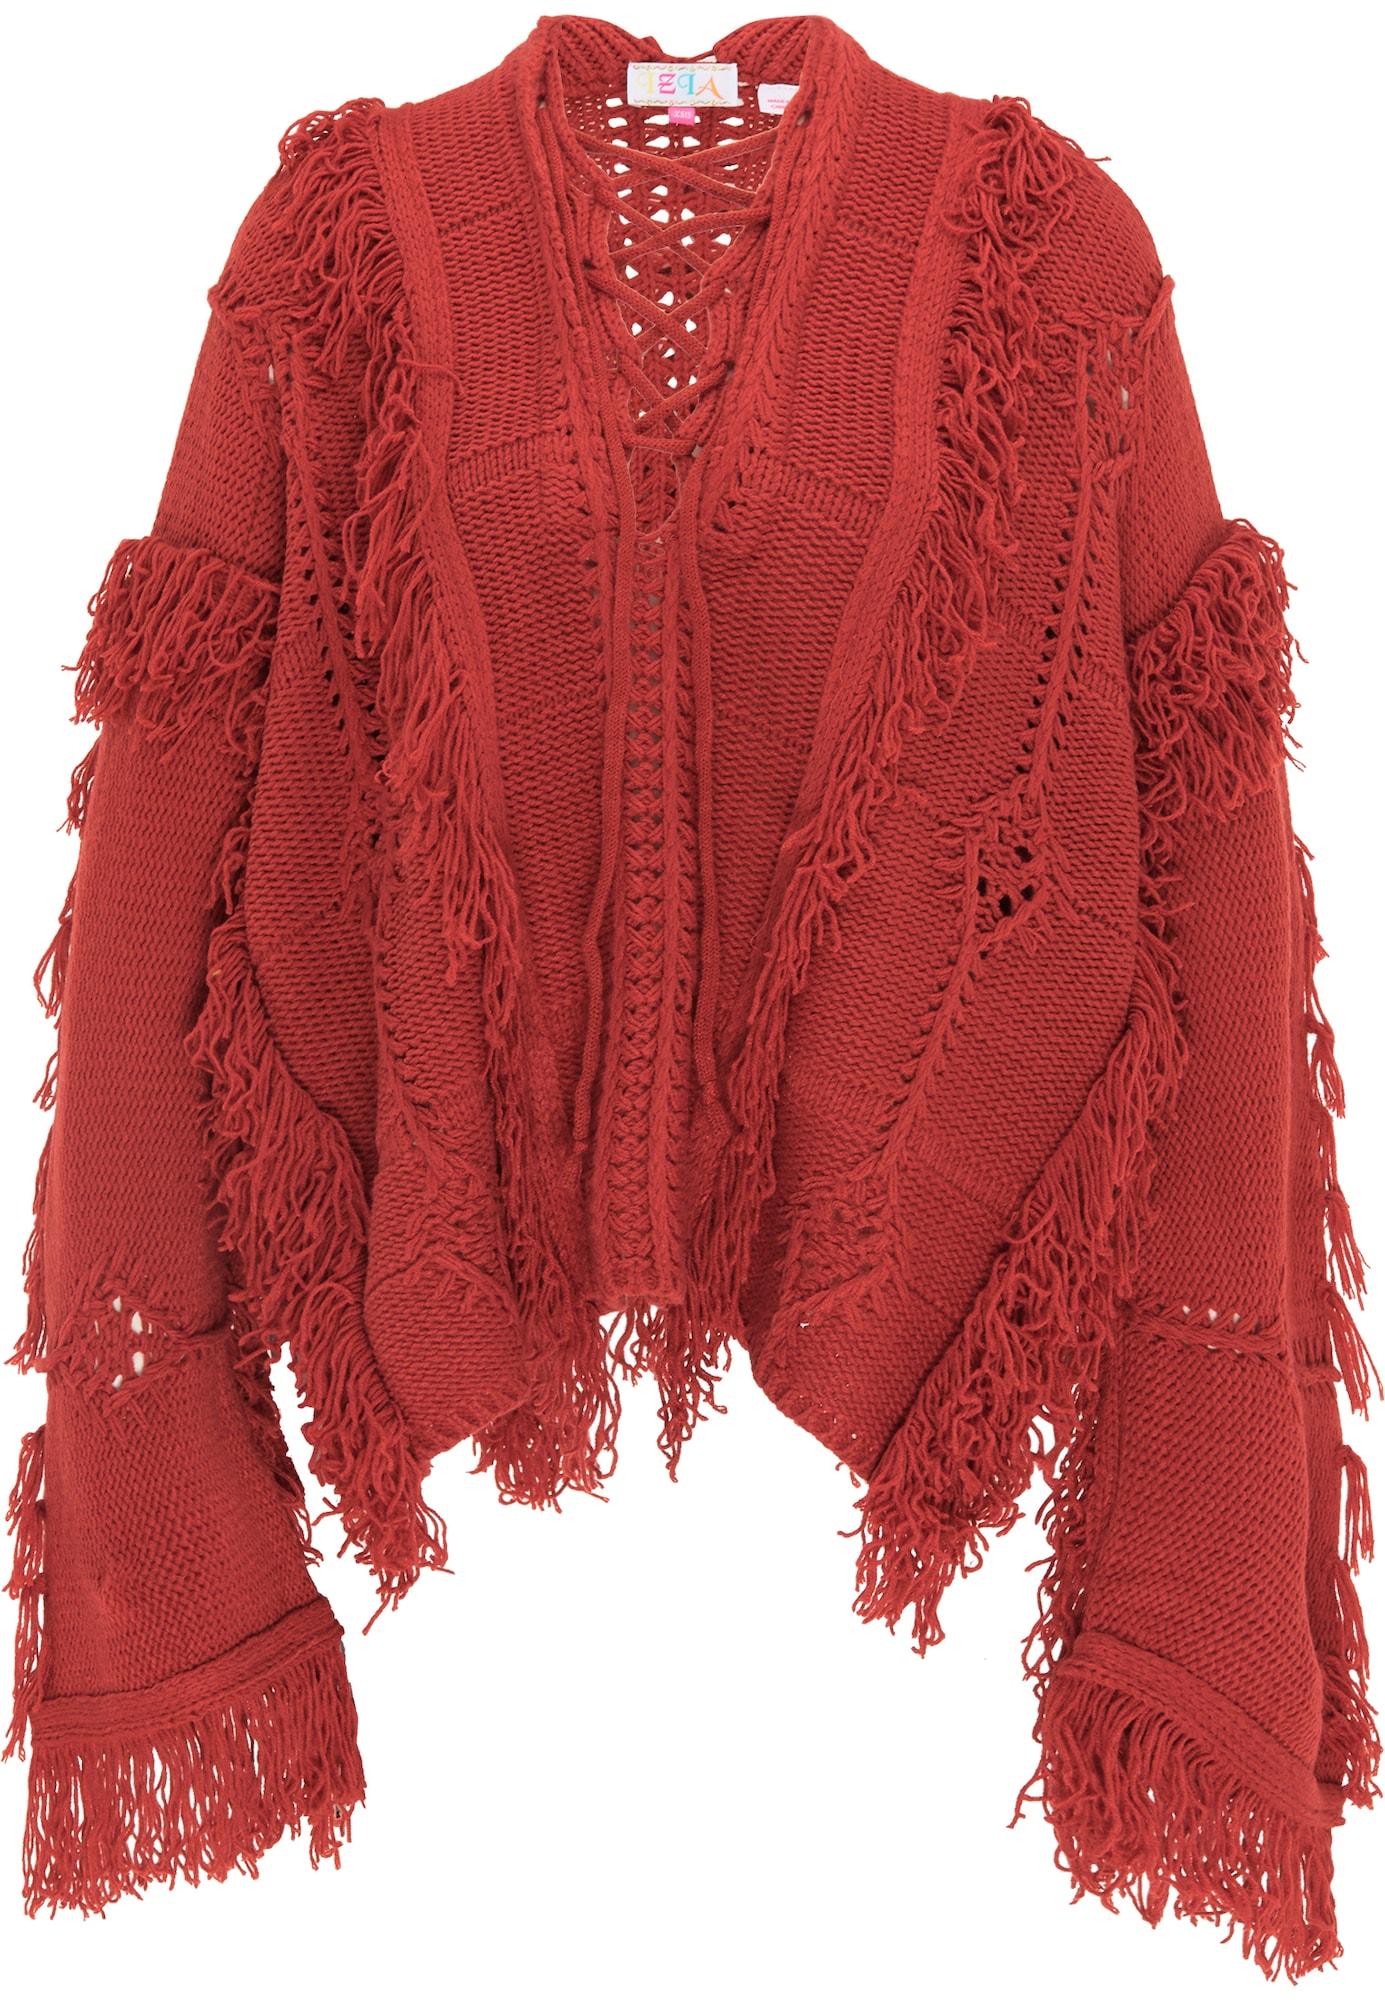 IZIA Megztinis raudona